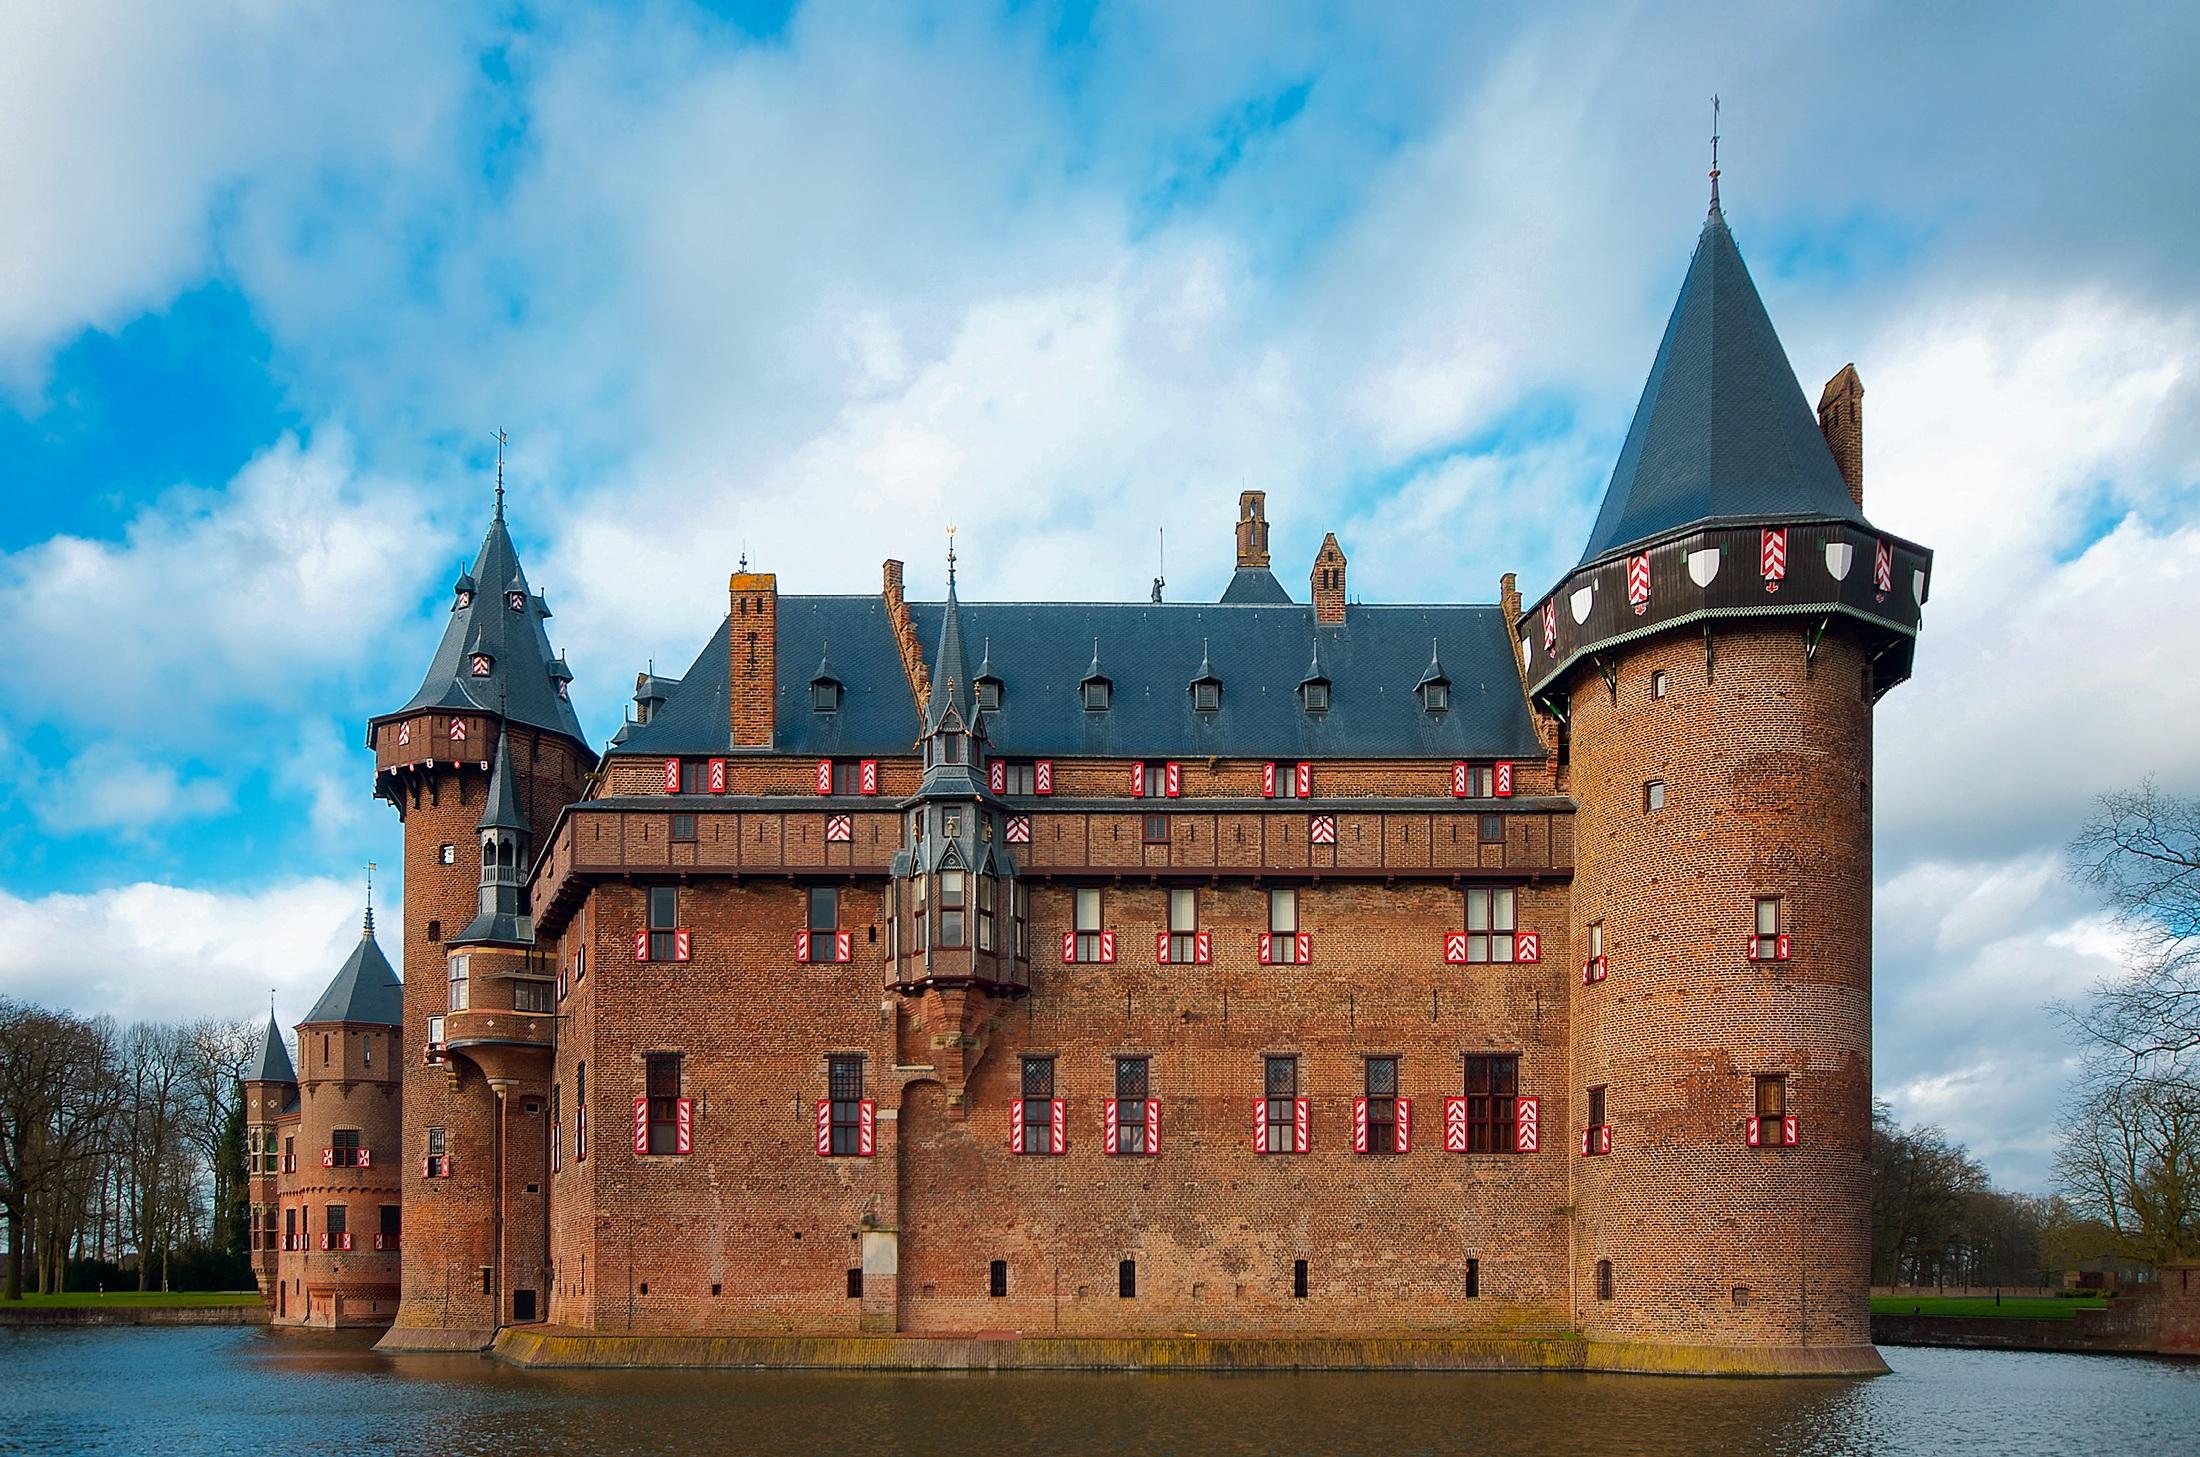 всех фотографии старых замков и башен это медикаментозное средство